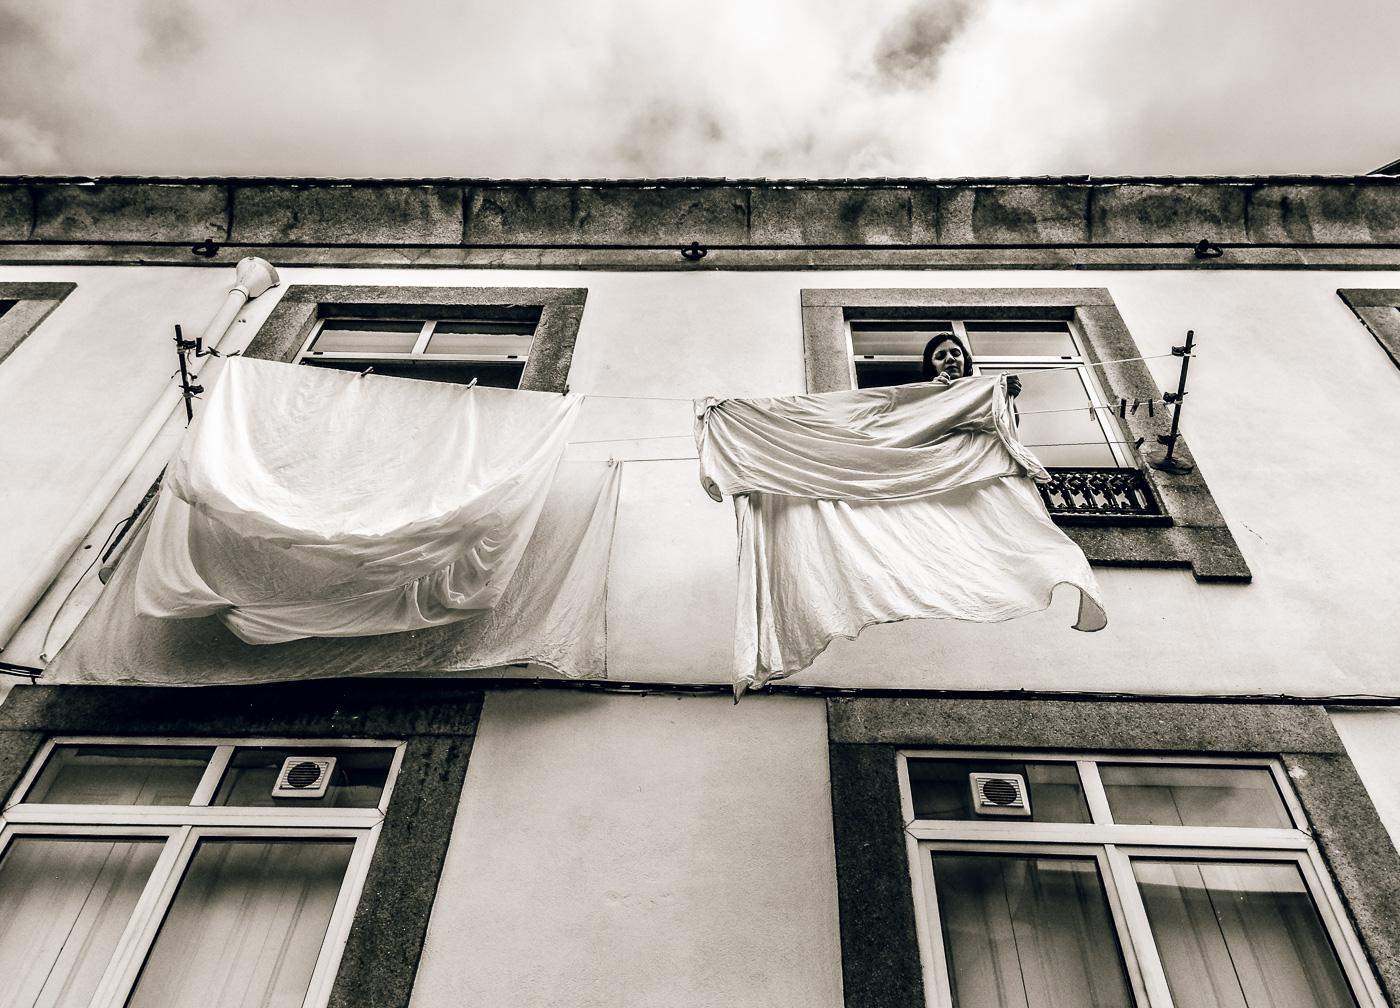 hedy bach images - Porto - b-w mem - 2